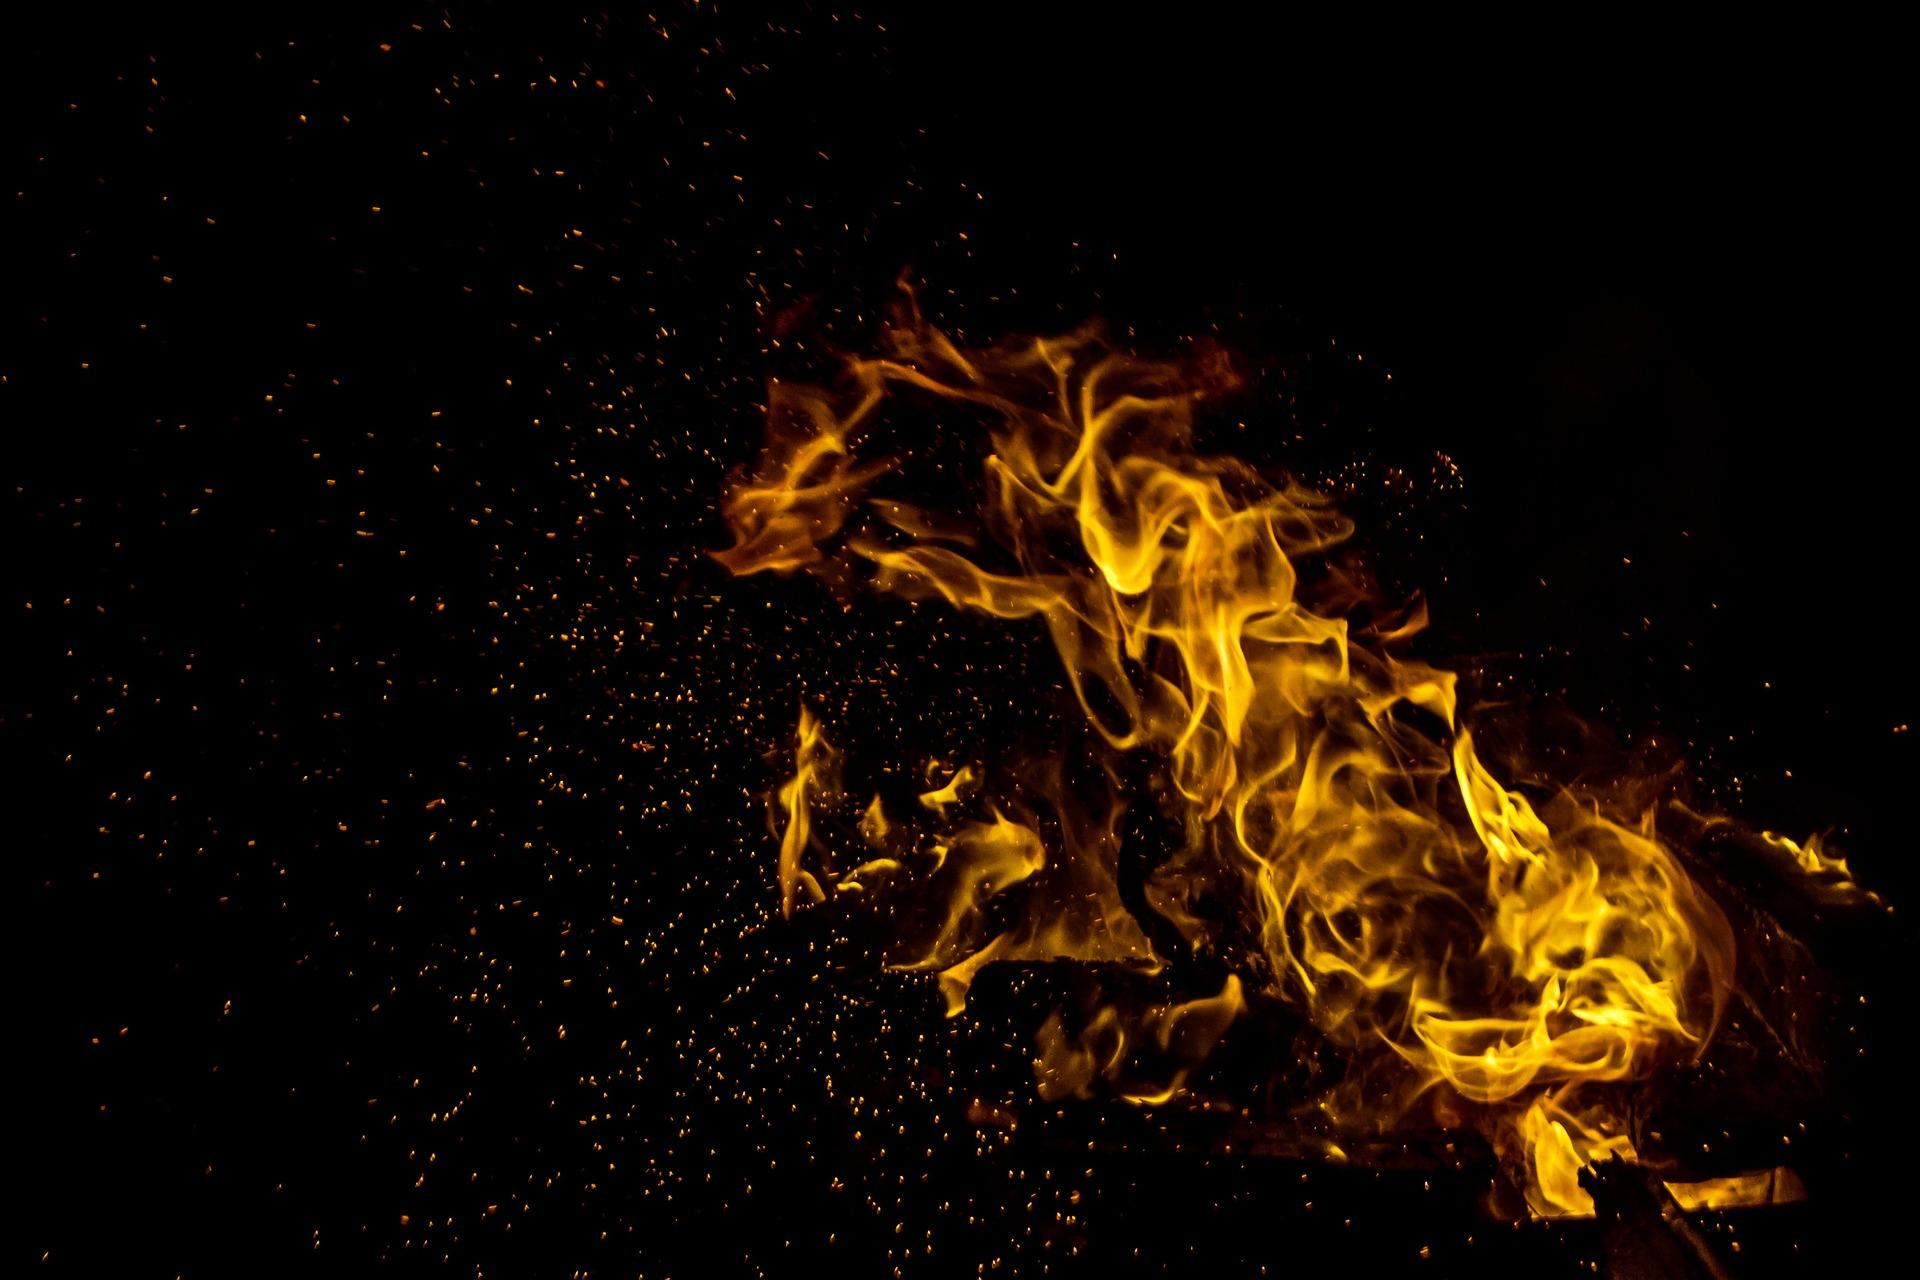 fire-1042926_1920.jpg